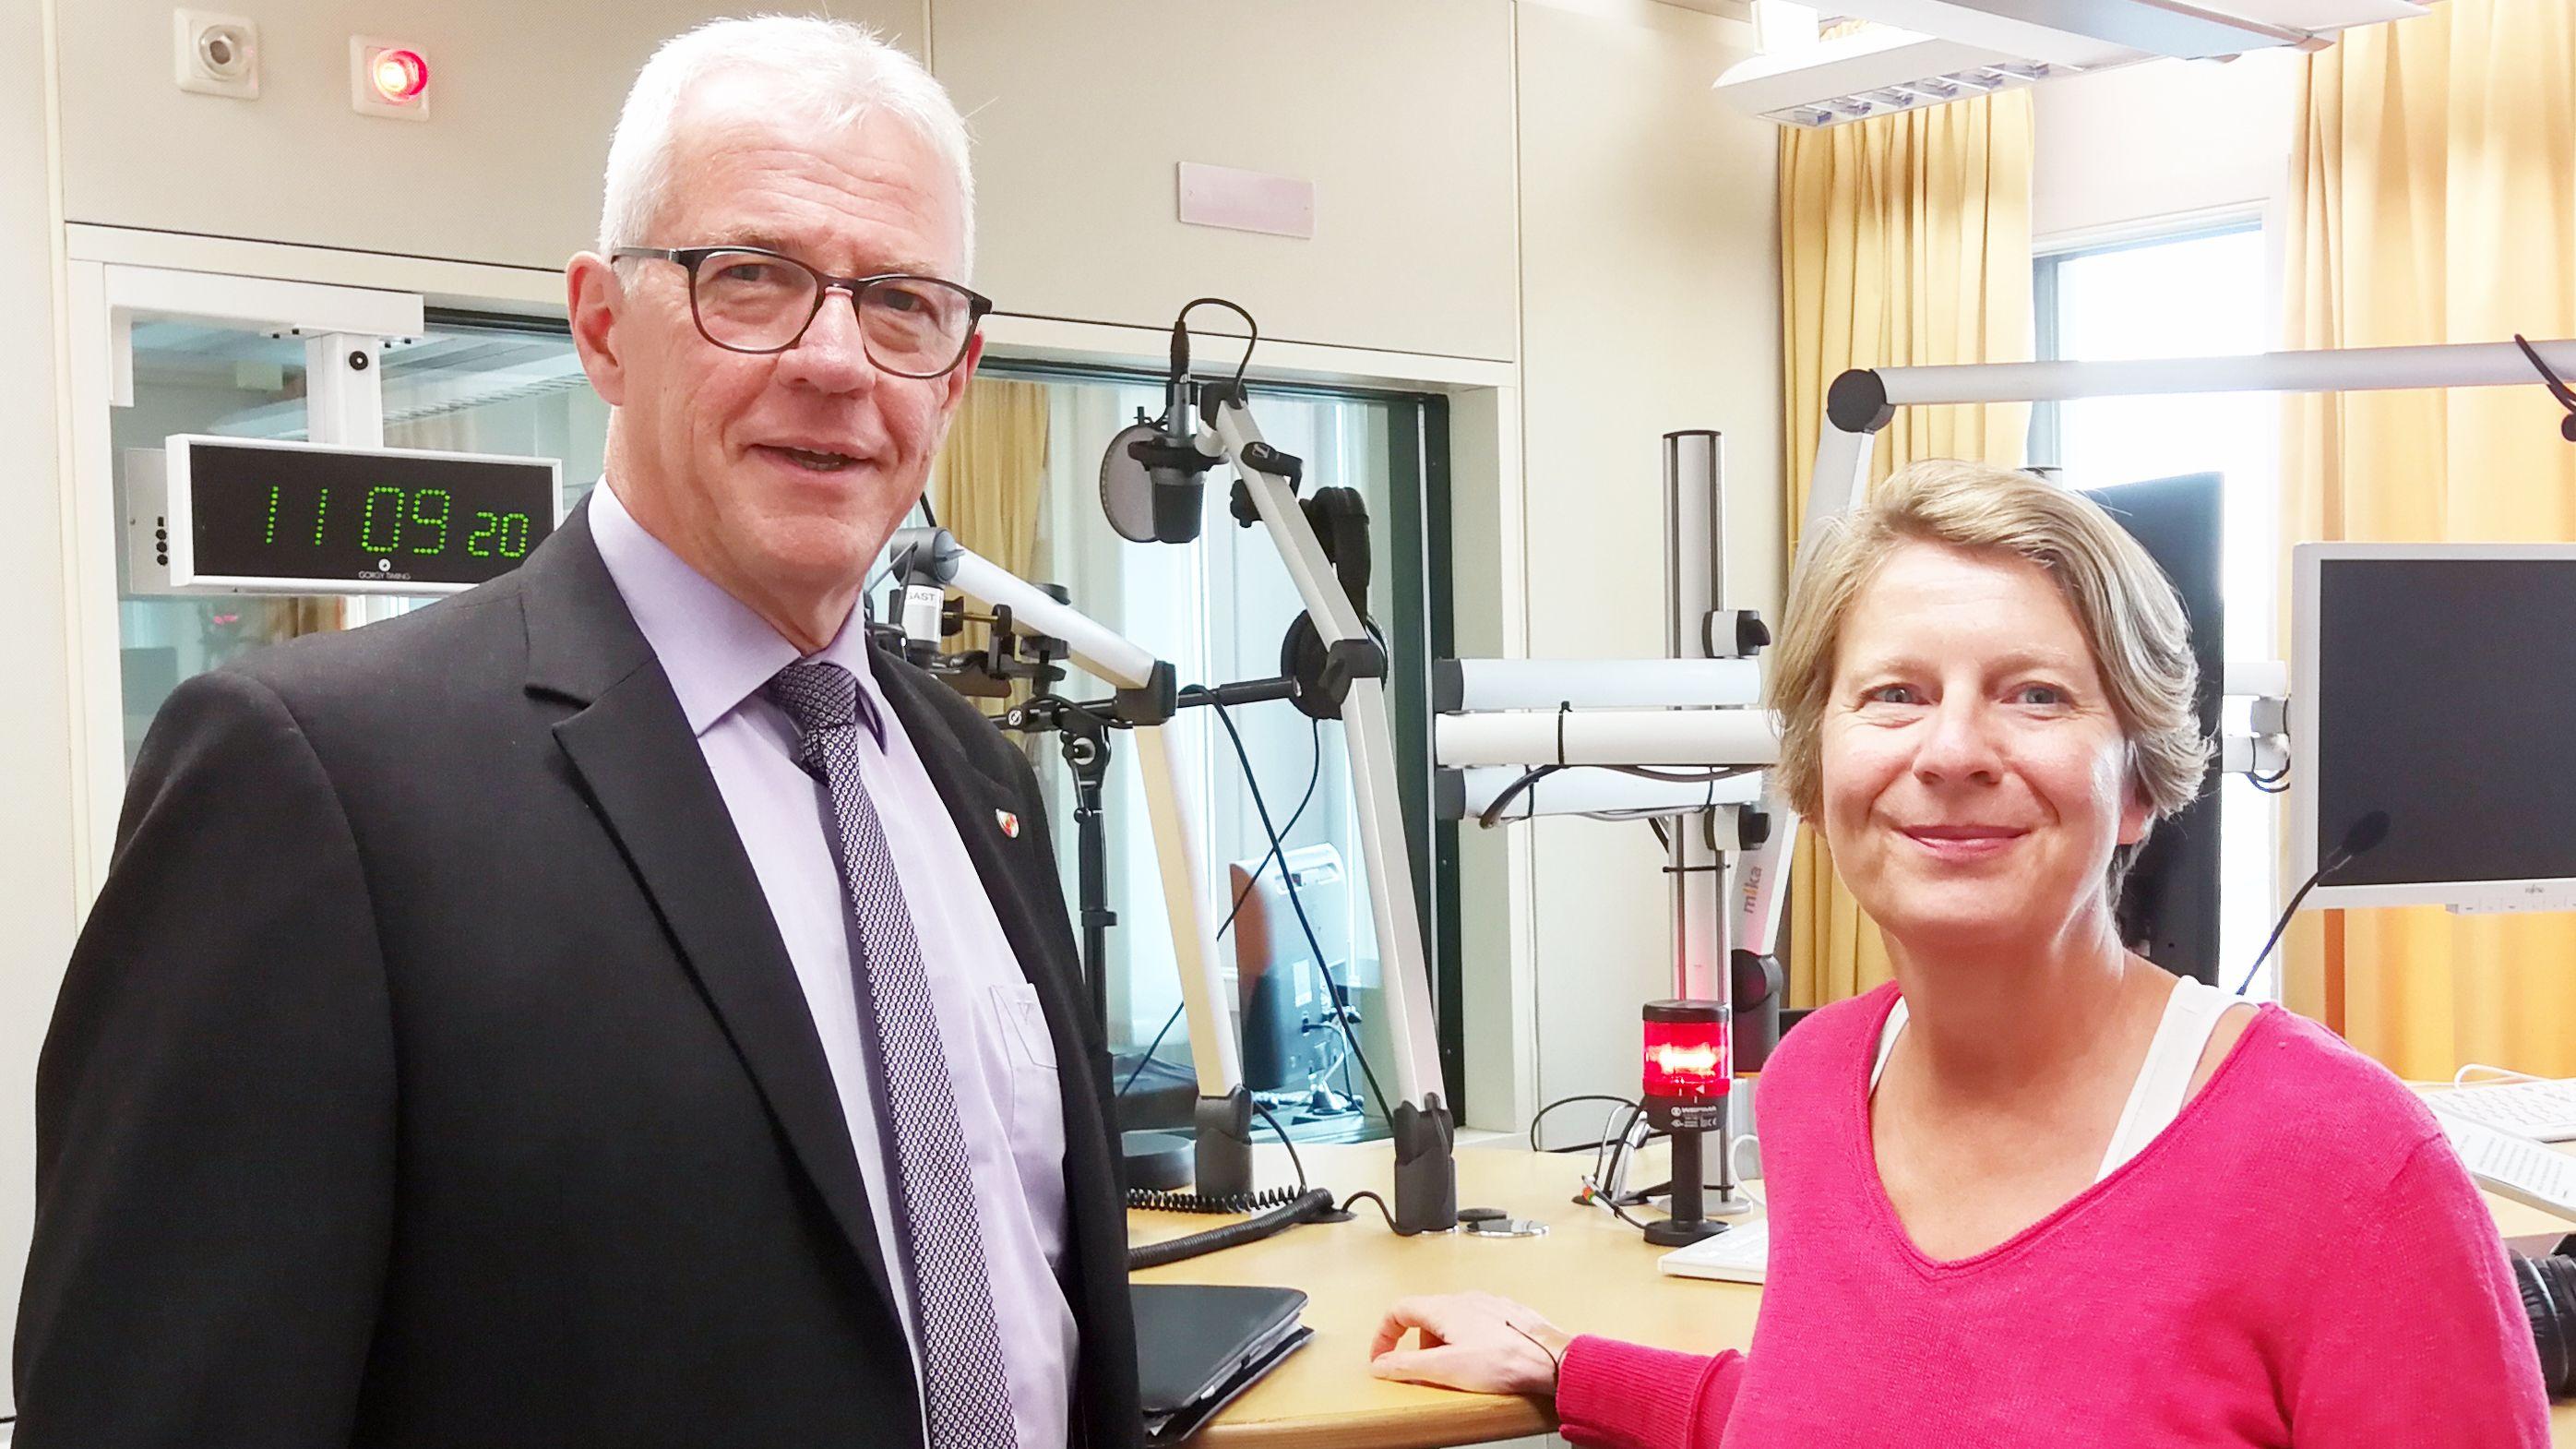 Günther Werner, Bürgermeister von Haßfurt (links), mit Moderatorin Susanne Günther (rechts)